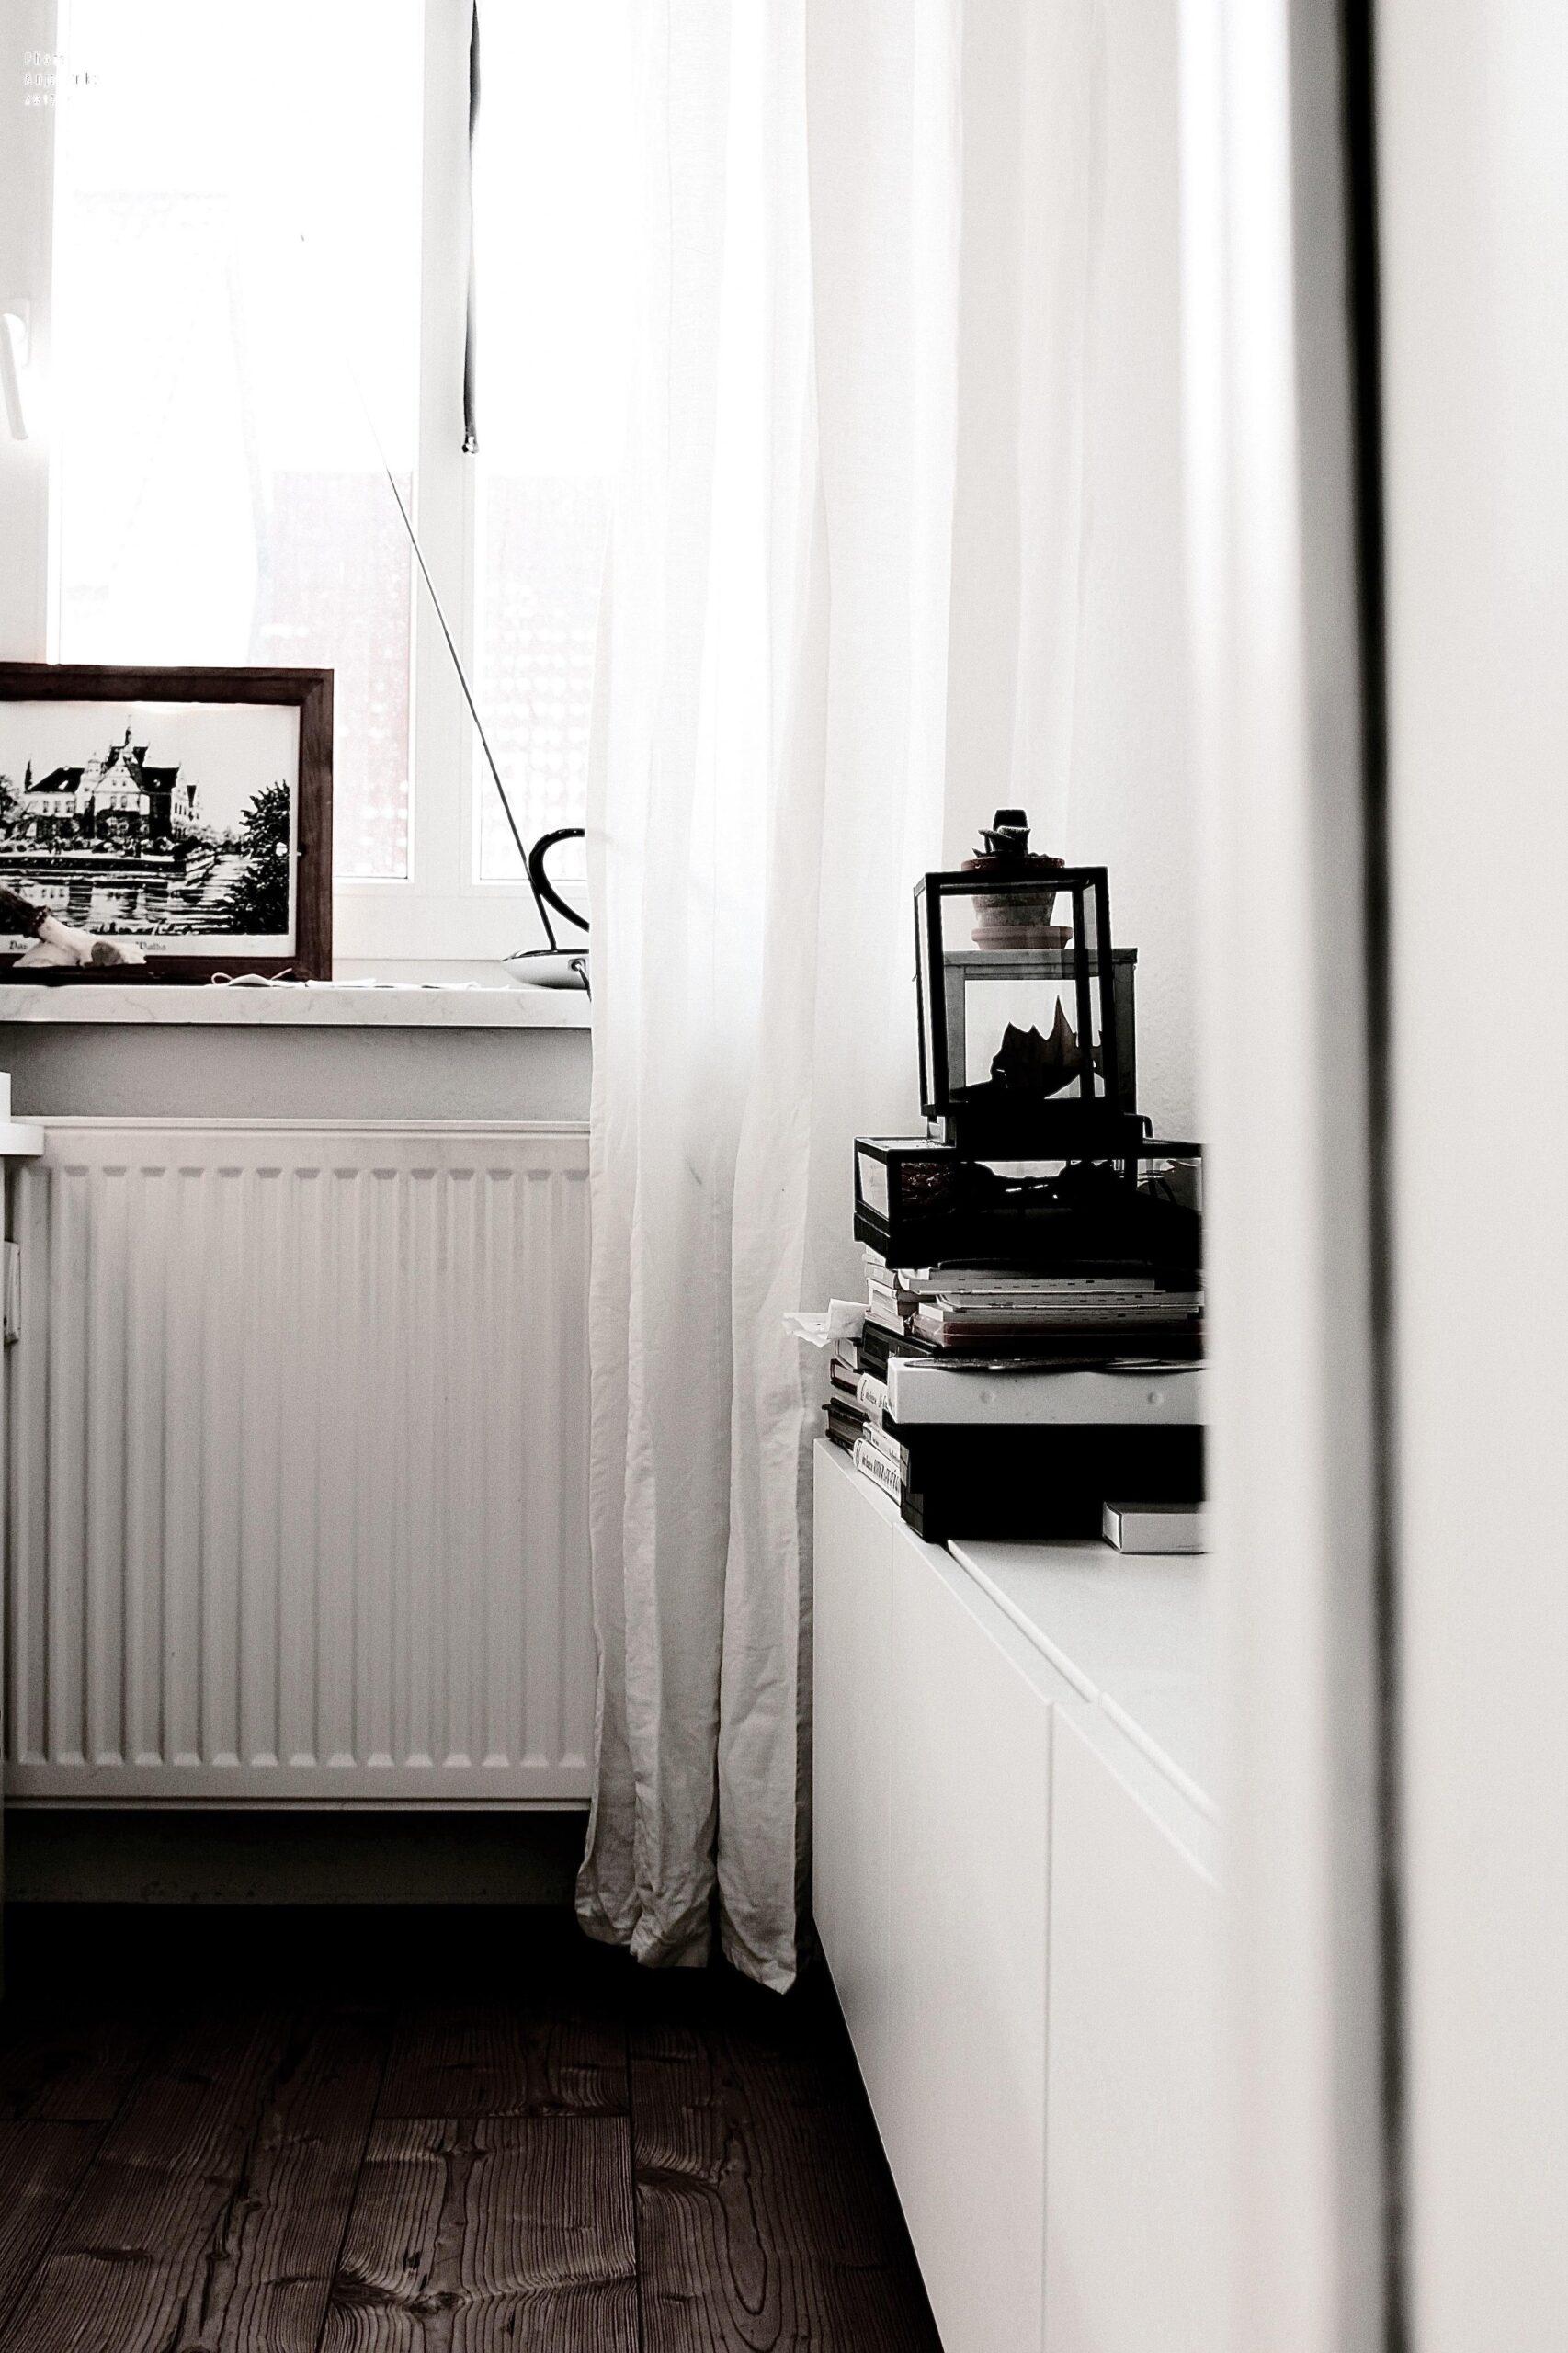 Full Size of Küche Holz Weiß Salamander Doppel Mülleimer Rückwand Glas Vorratsdosen Armaturen Einbauküche Gebraucht Raffrollo Arbeitsplatte Landhaus Gebrauchte Wohnzimmer Handtuchhalter Heizung Küche